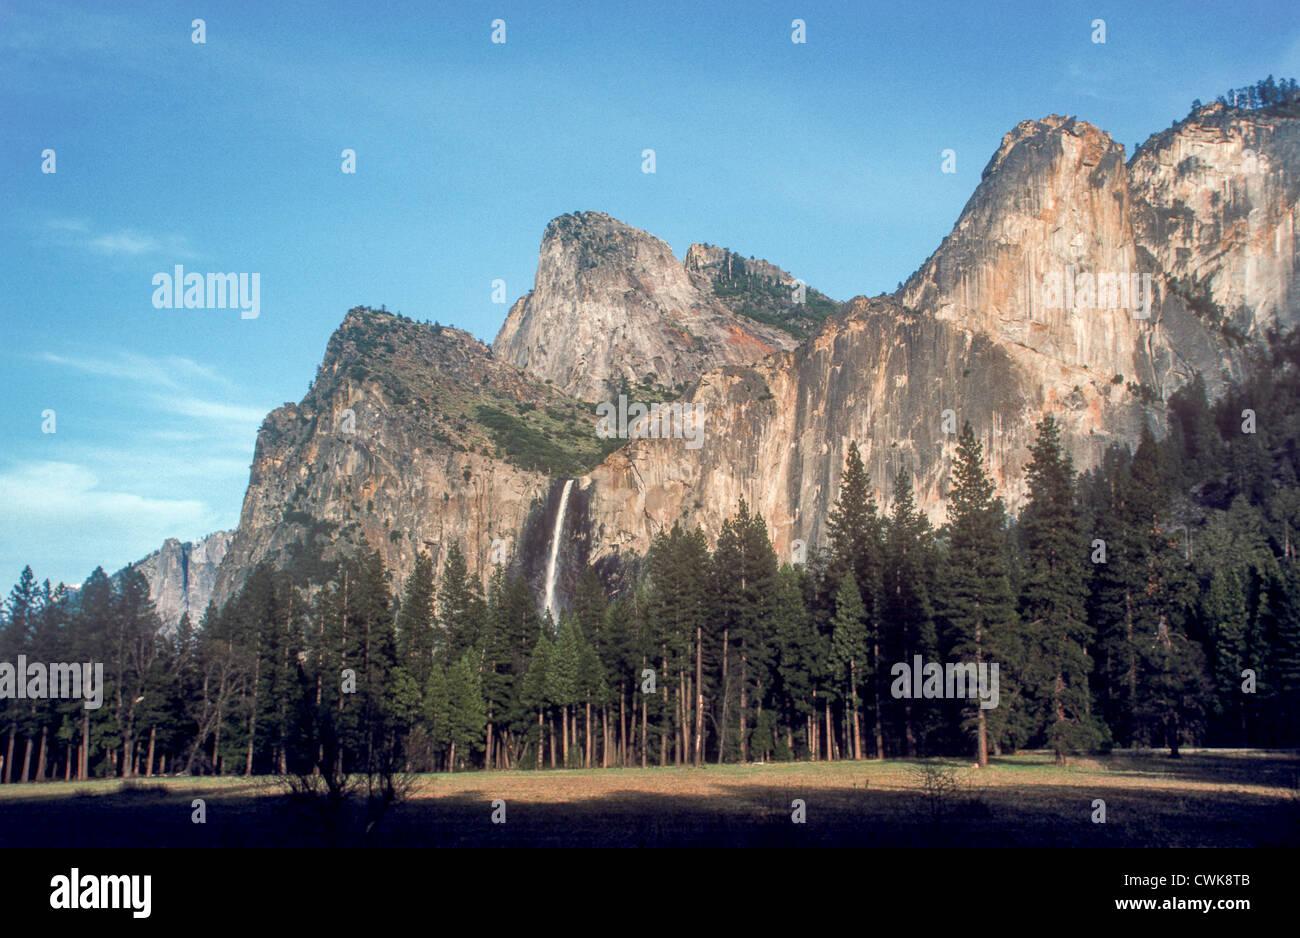 Una vista de Bridalveil Fall en el Parque Nacional Yosemite, California, USA. Foto de stock